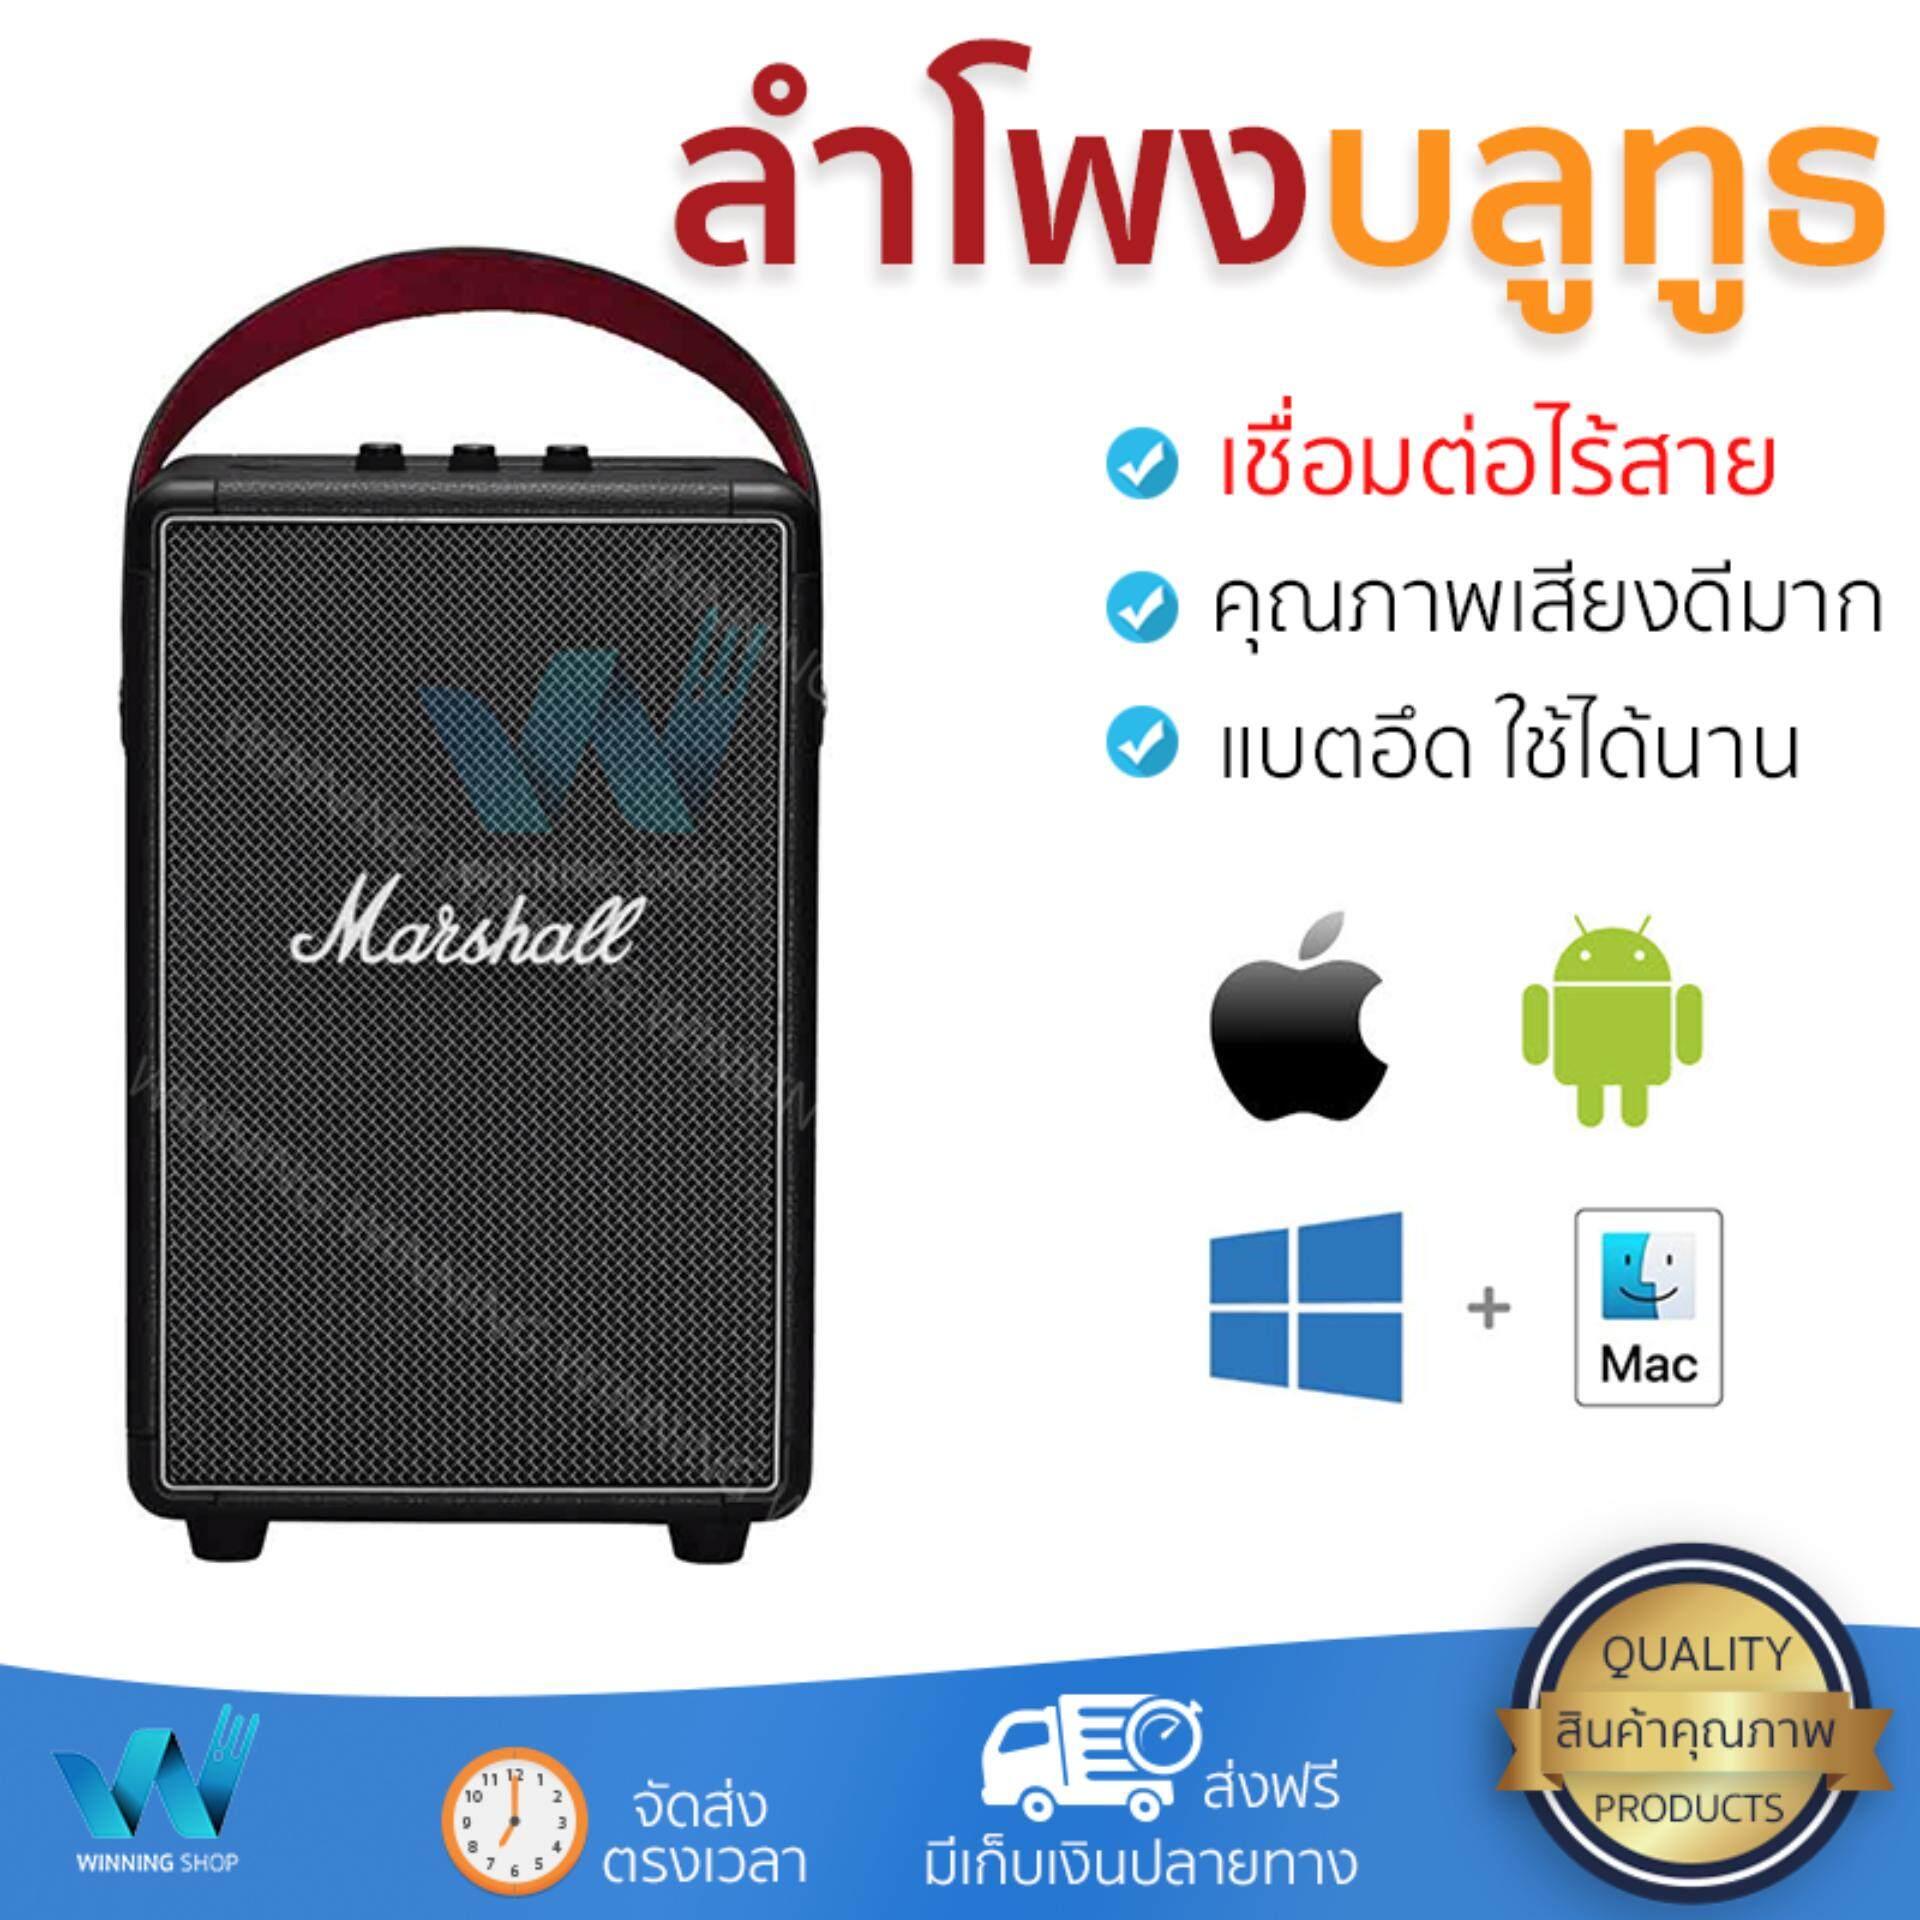 จัดส่งฟรี ลำโพงบลูทูธ  Marshall Bluetooth Speaker 2.1 TUFTON Black เสียงใส คุณภาพเกินตัว Wireless Bluetooth Speaker รับประกัน 1 ปี